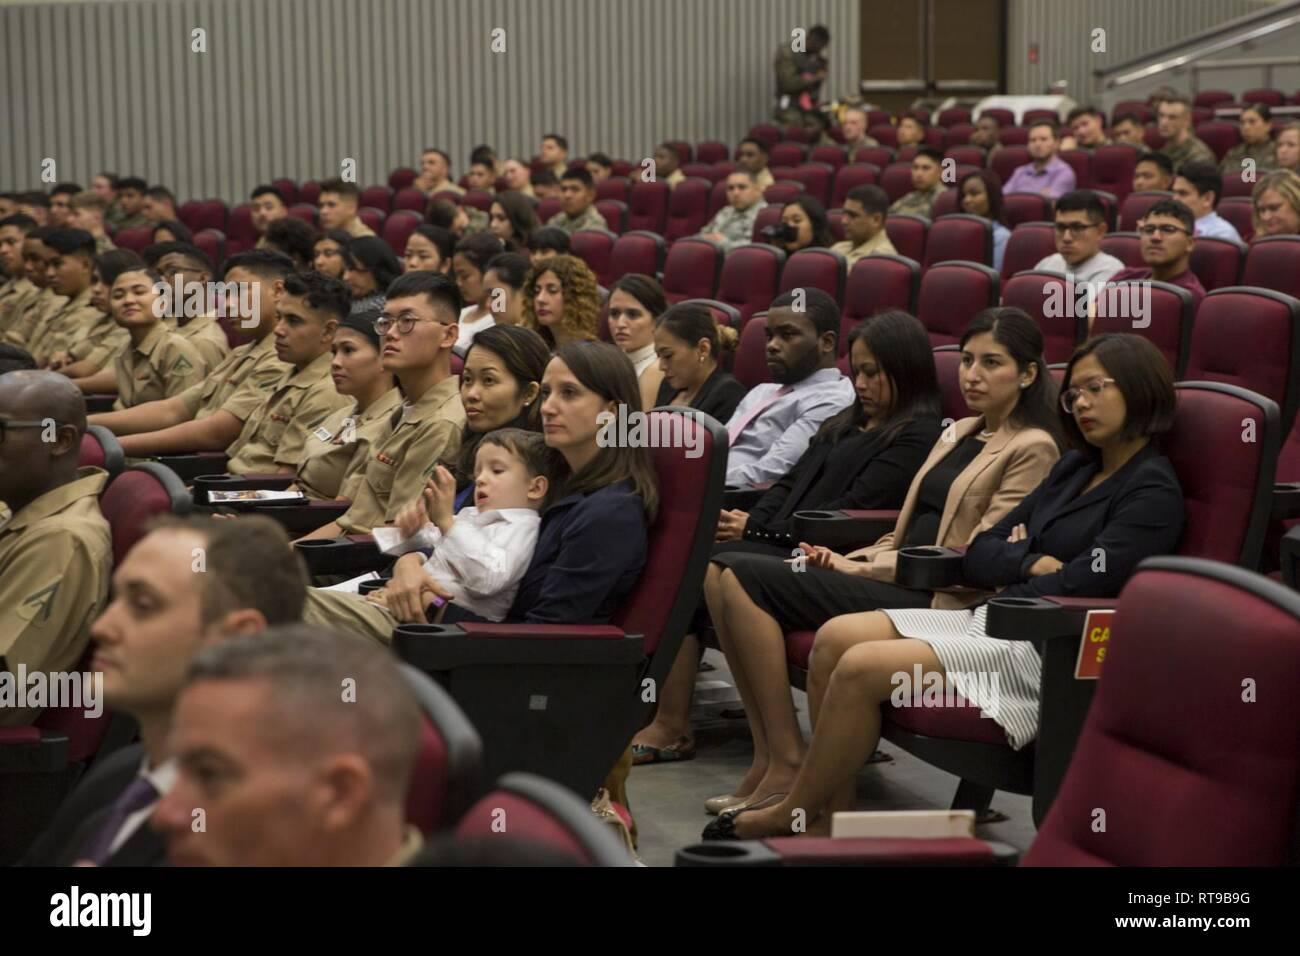 U S Citizenship Ceremony Stock Photos & U S Citizenship Ceremony